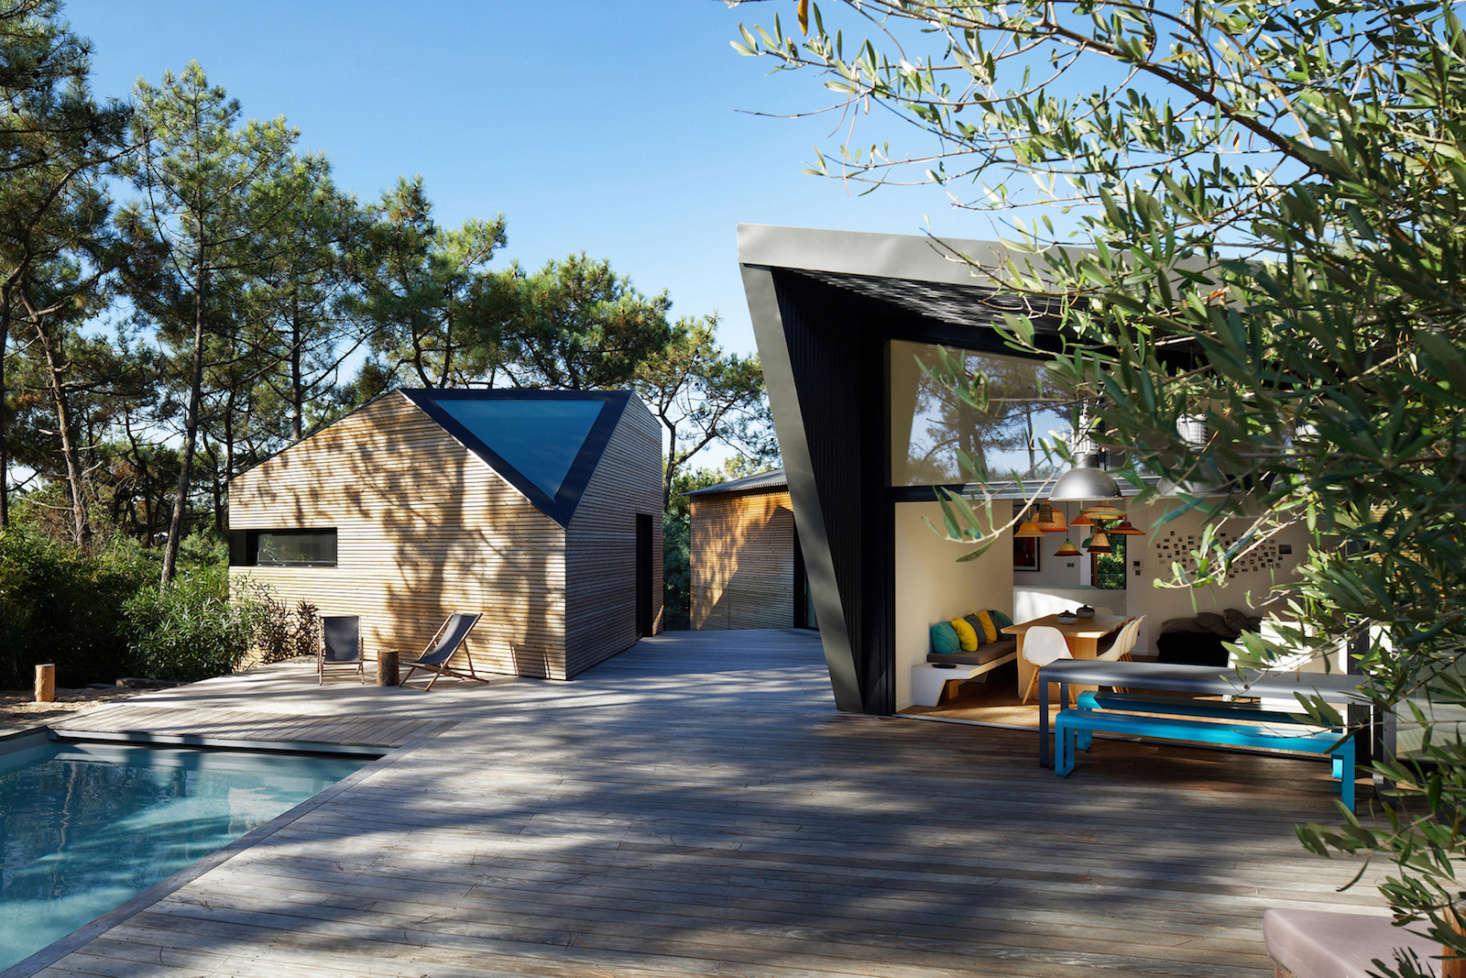 在附近的地方住在一起,住在一个大的玻璃上,被绑在天花板上,用黑色的床垫。这间游泳池有一扇高泳池的泳池。